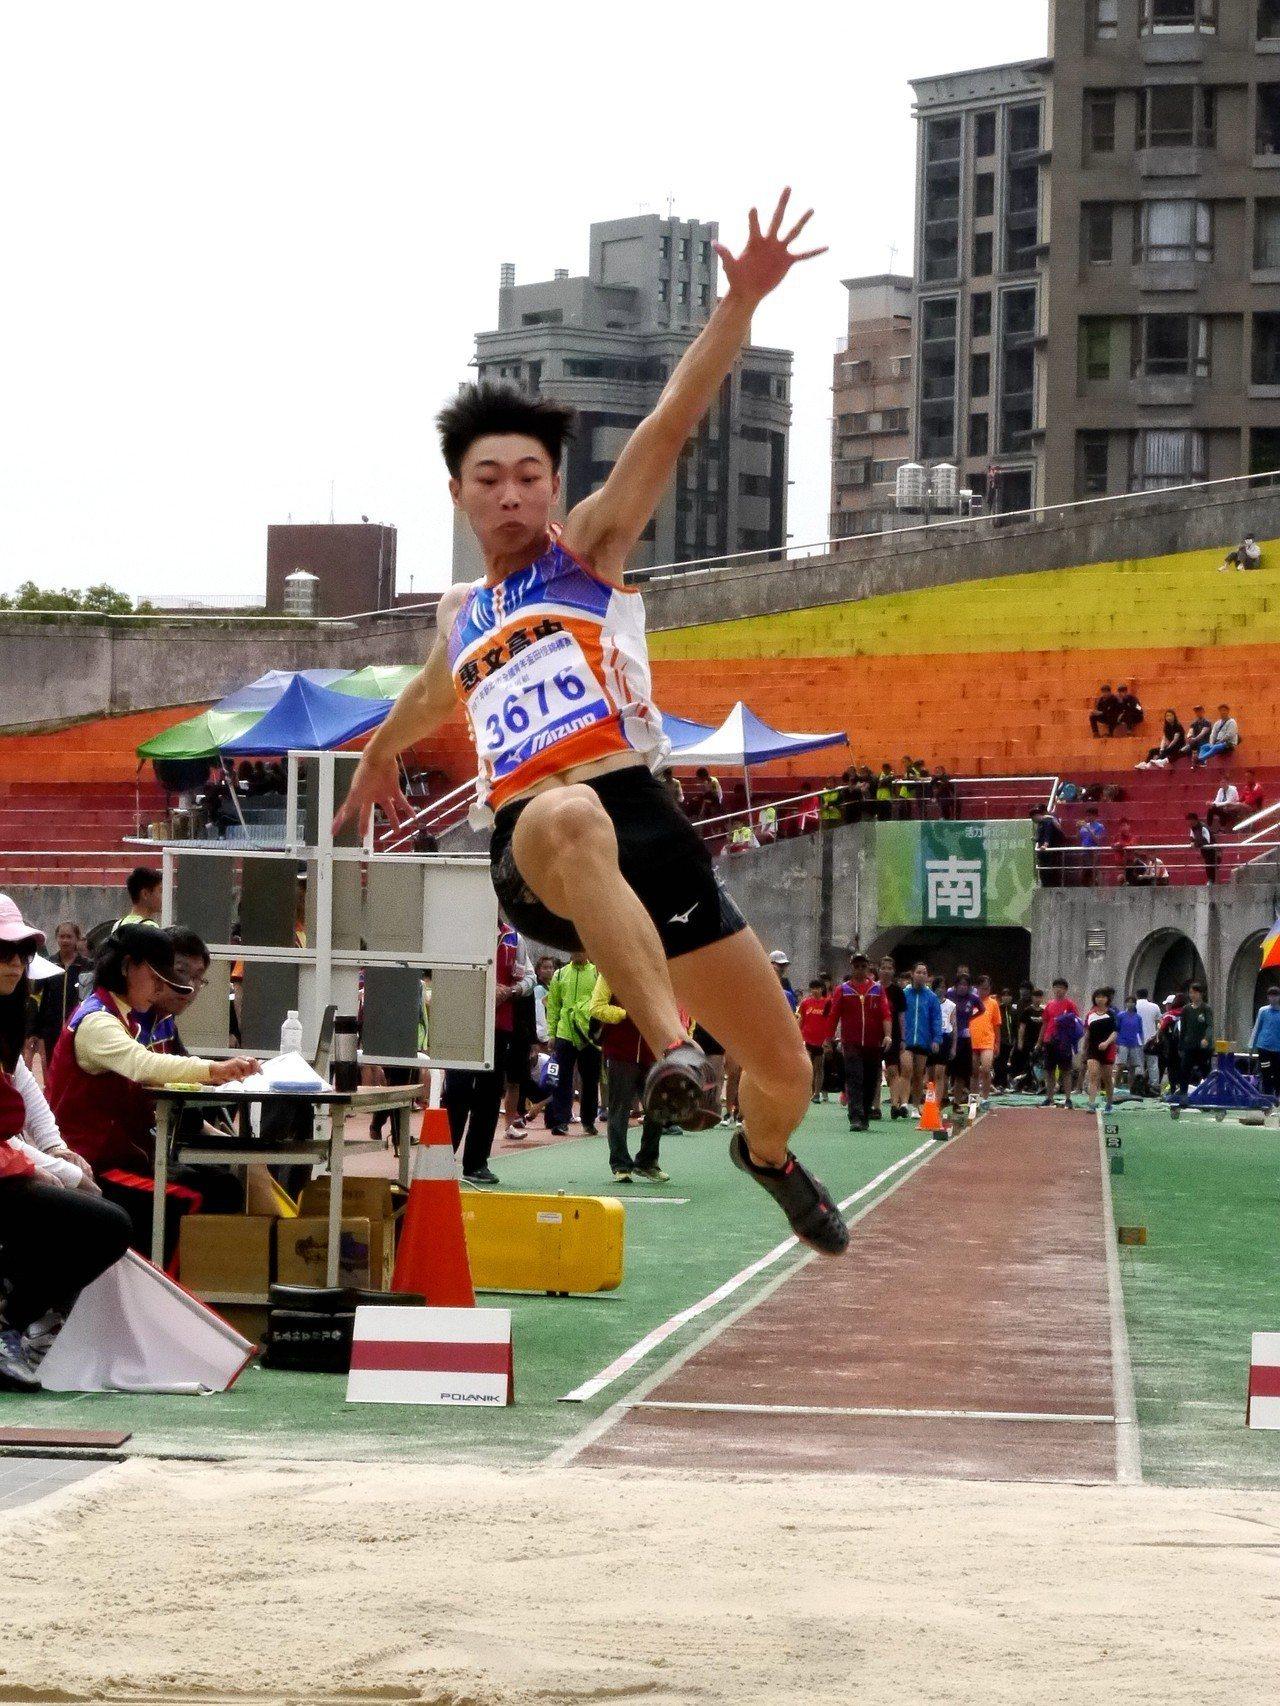 惠文高中文華佑跳出7公尺69成績,打破高懸32年的U18全國紀錄。記者劉肇育/攝...